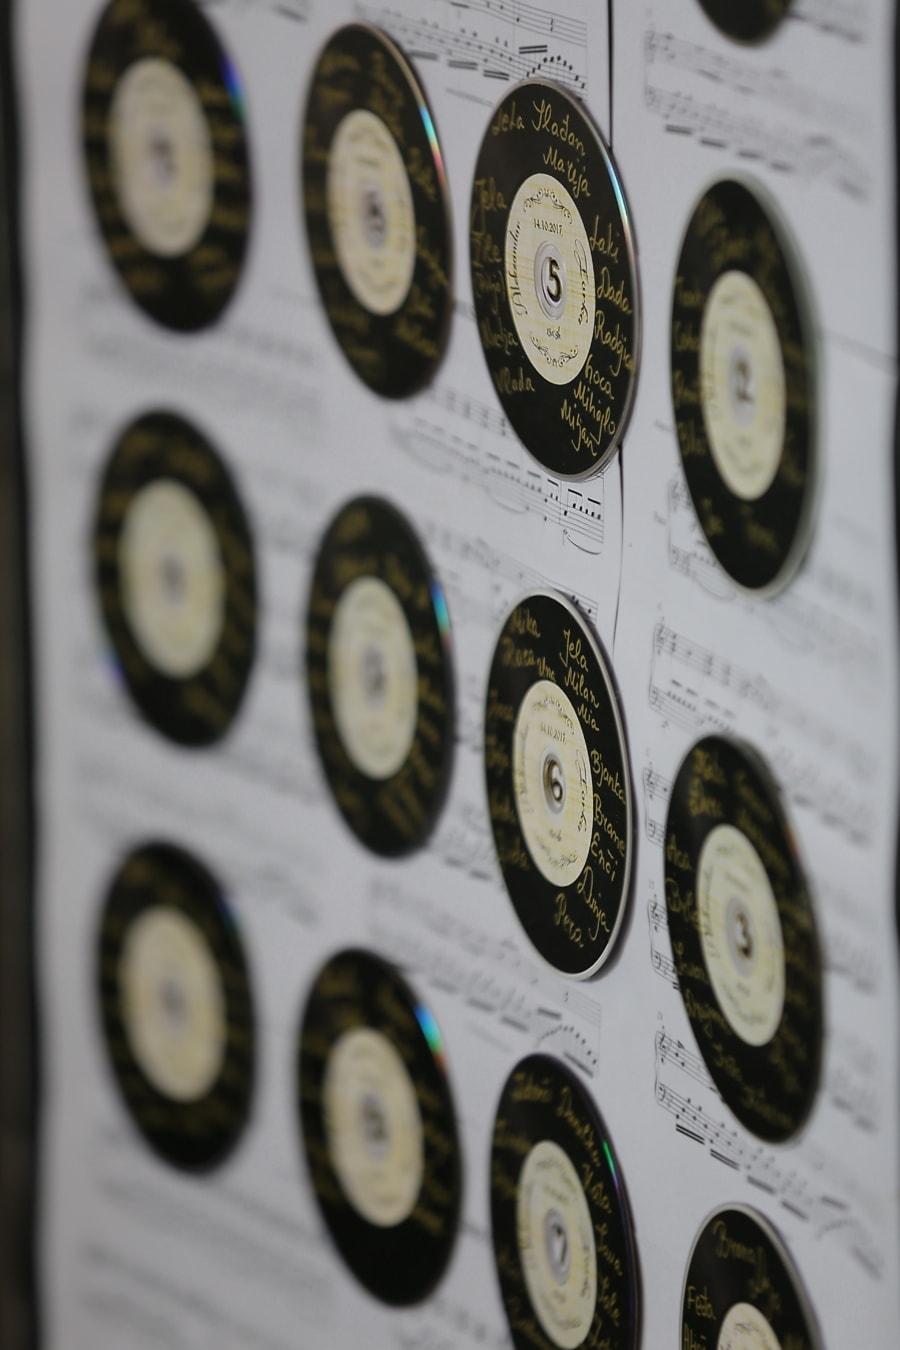 Schallplatte, musikalischen, Melodie, Musik, Song, Nostalgie, alt, Jahrgang, Antik, viele